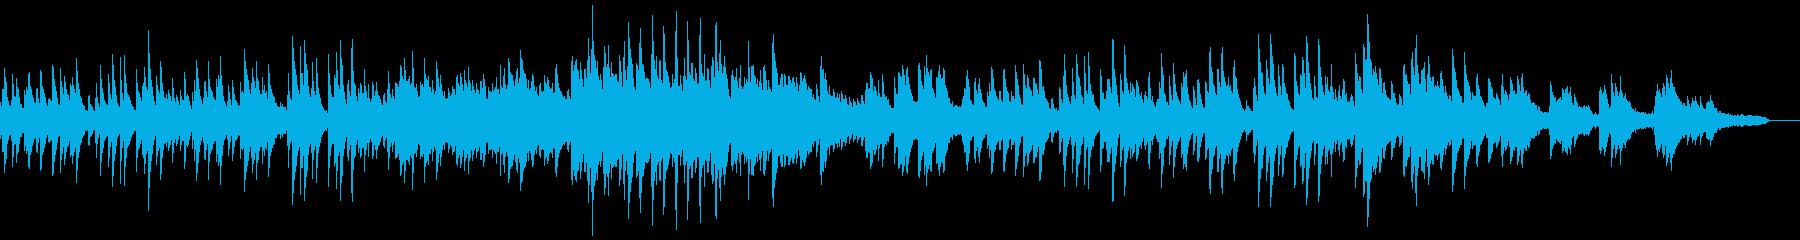 ピアノと弦楽による幻想的でクラシカルな曲の再生済みの波形